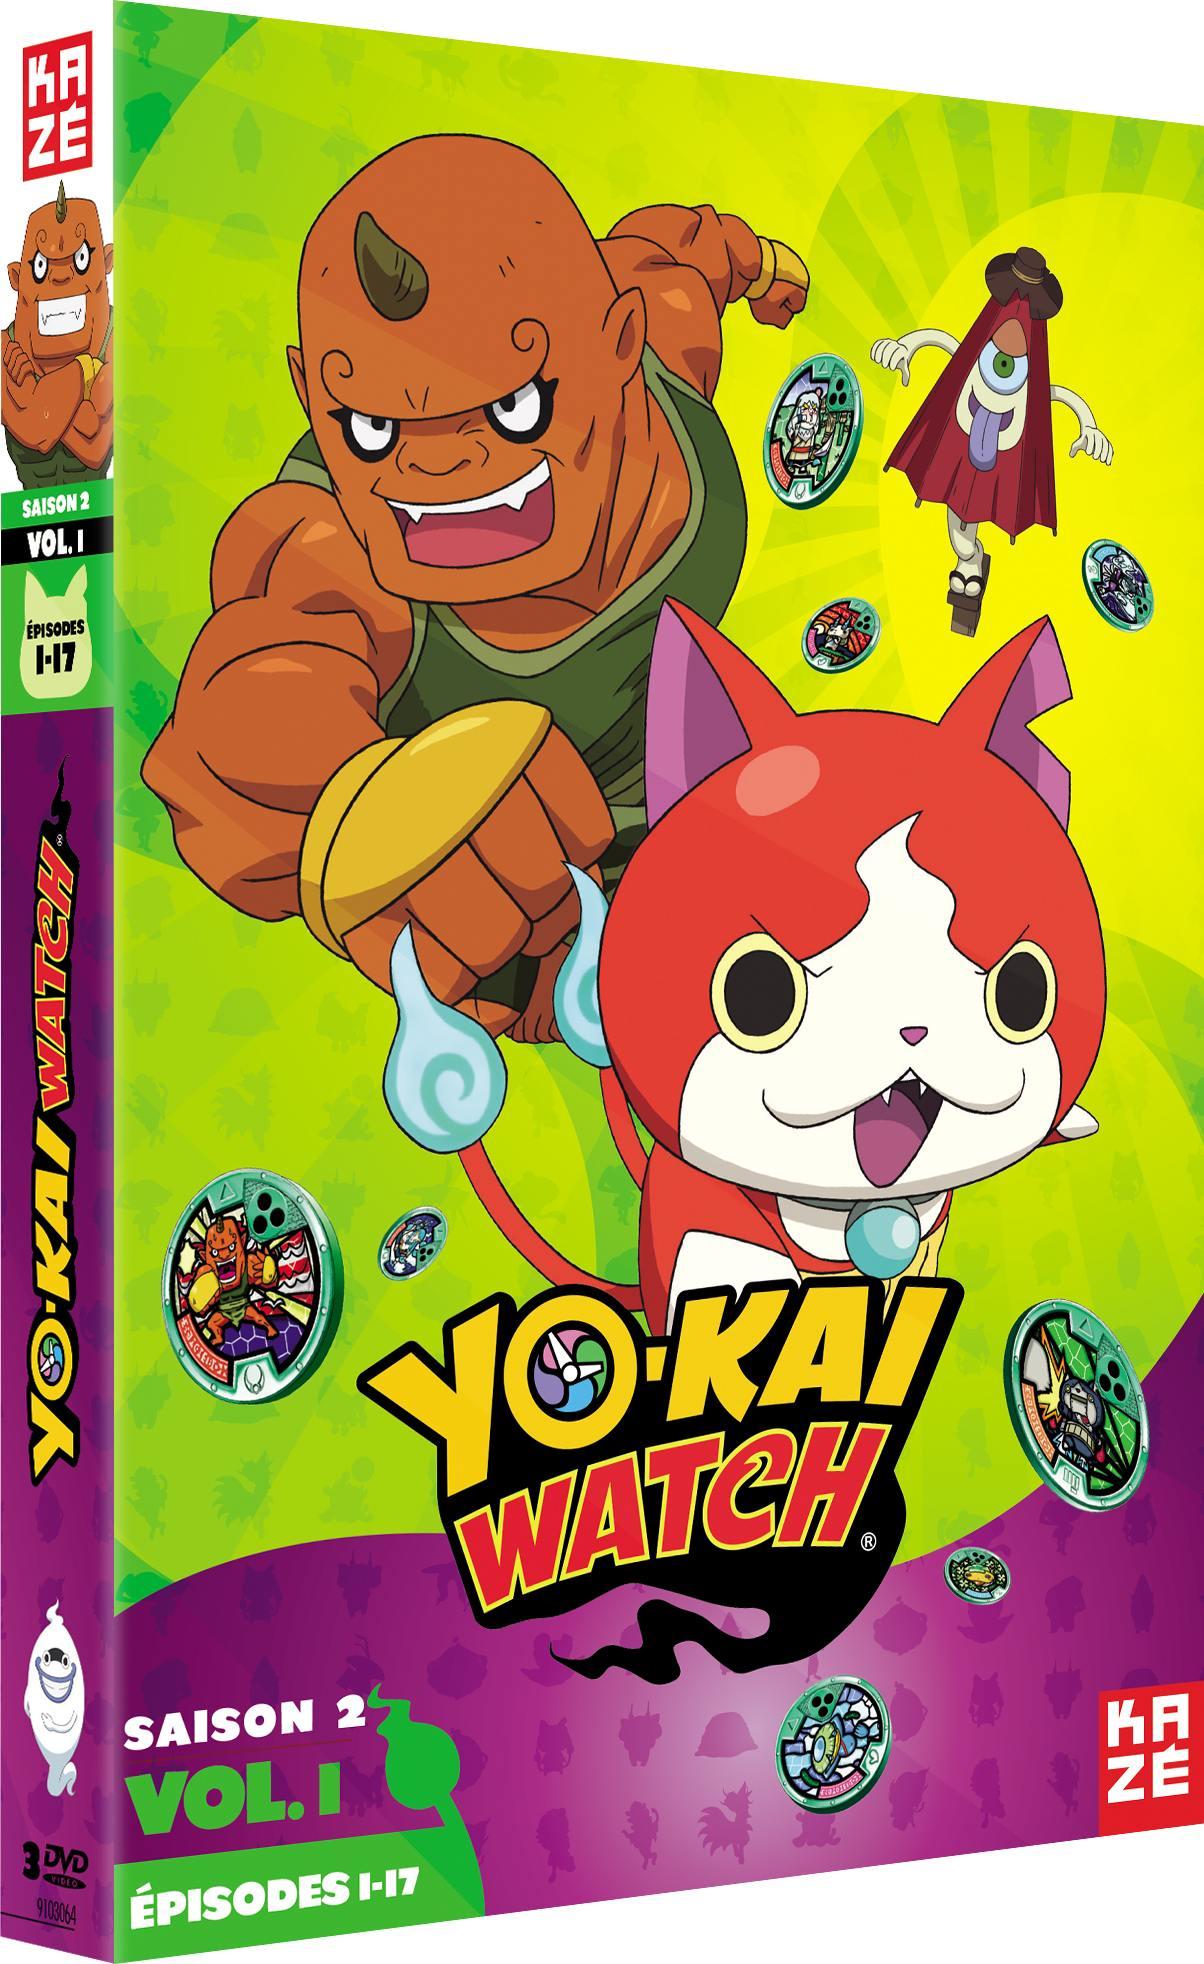 Yo-kai watch - saison 2 - partie 1 sur 3 - 3 dvd